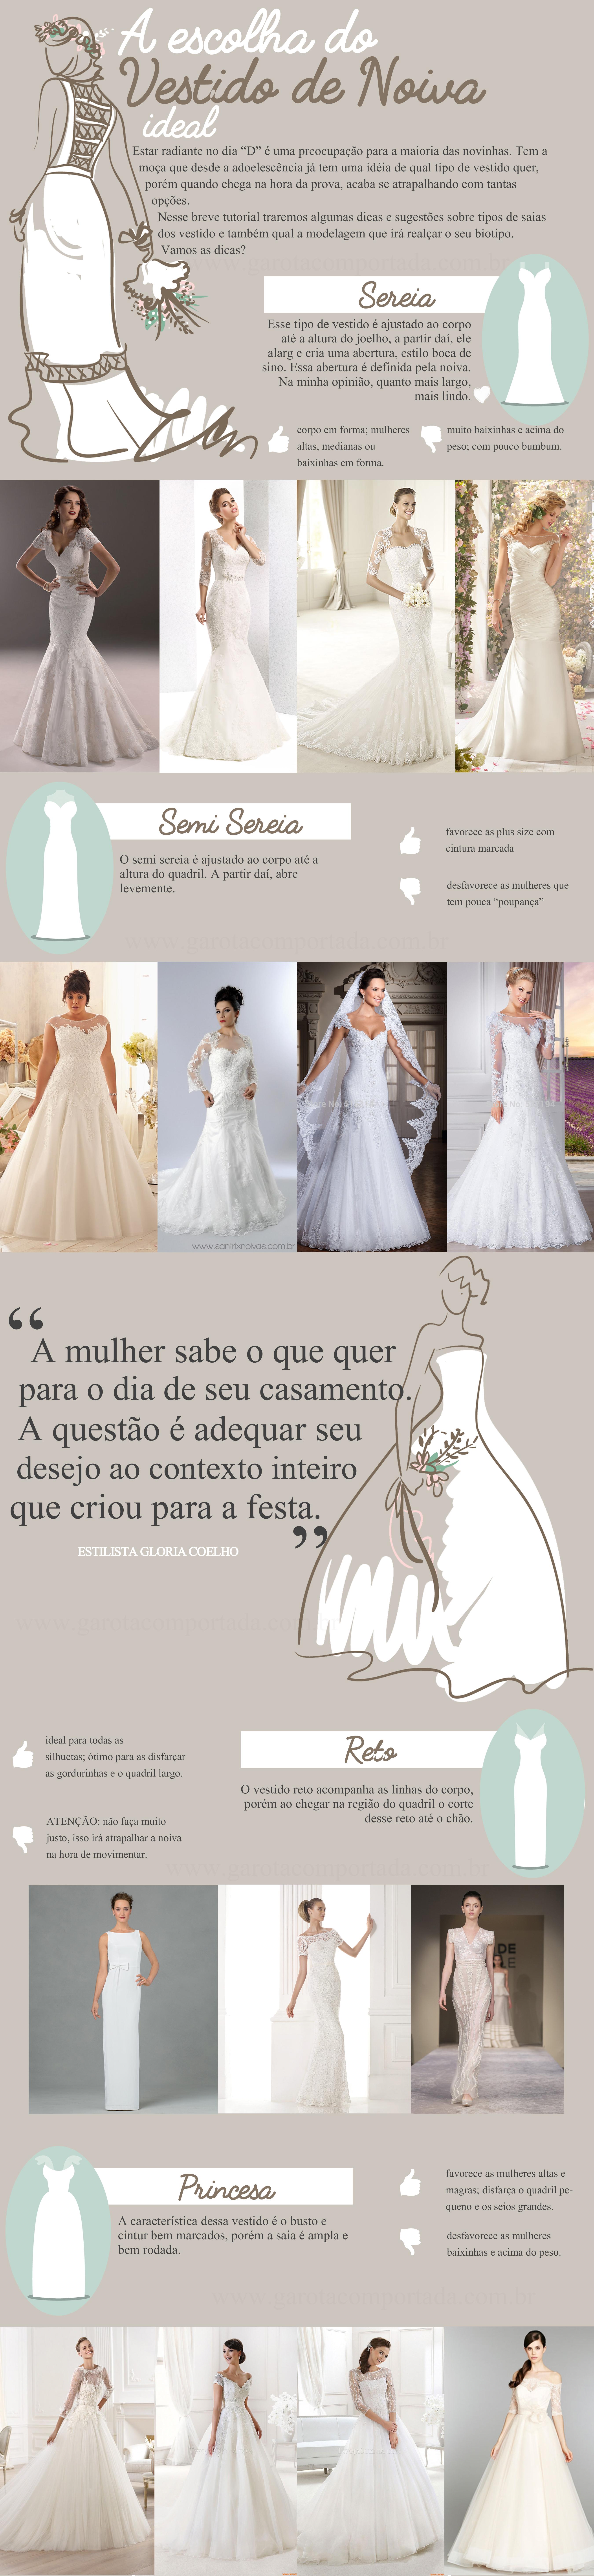 vestidos123